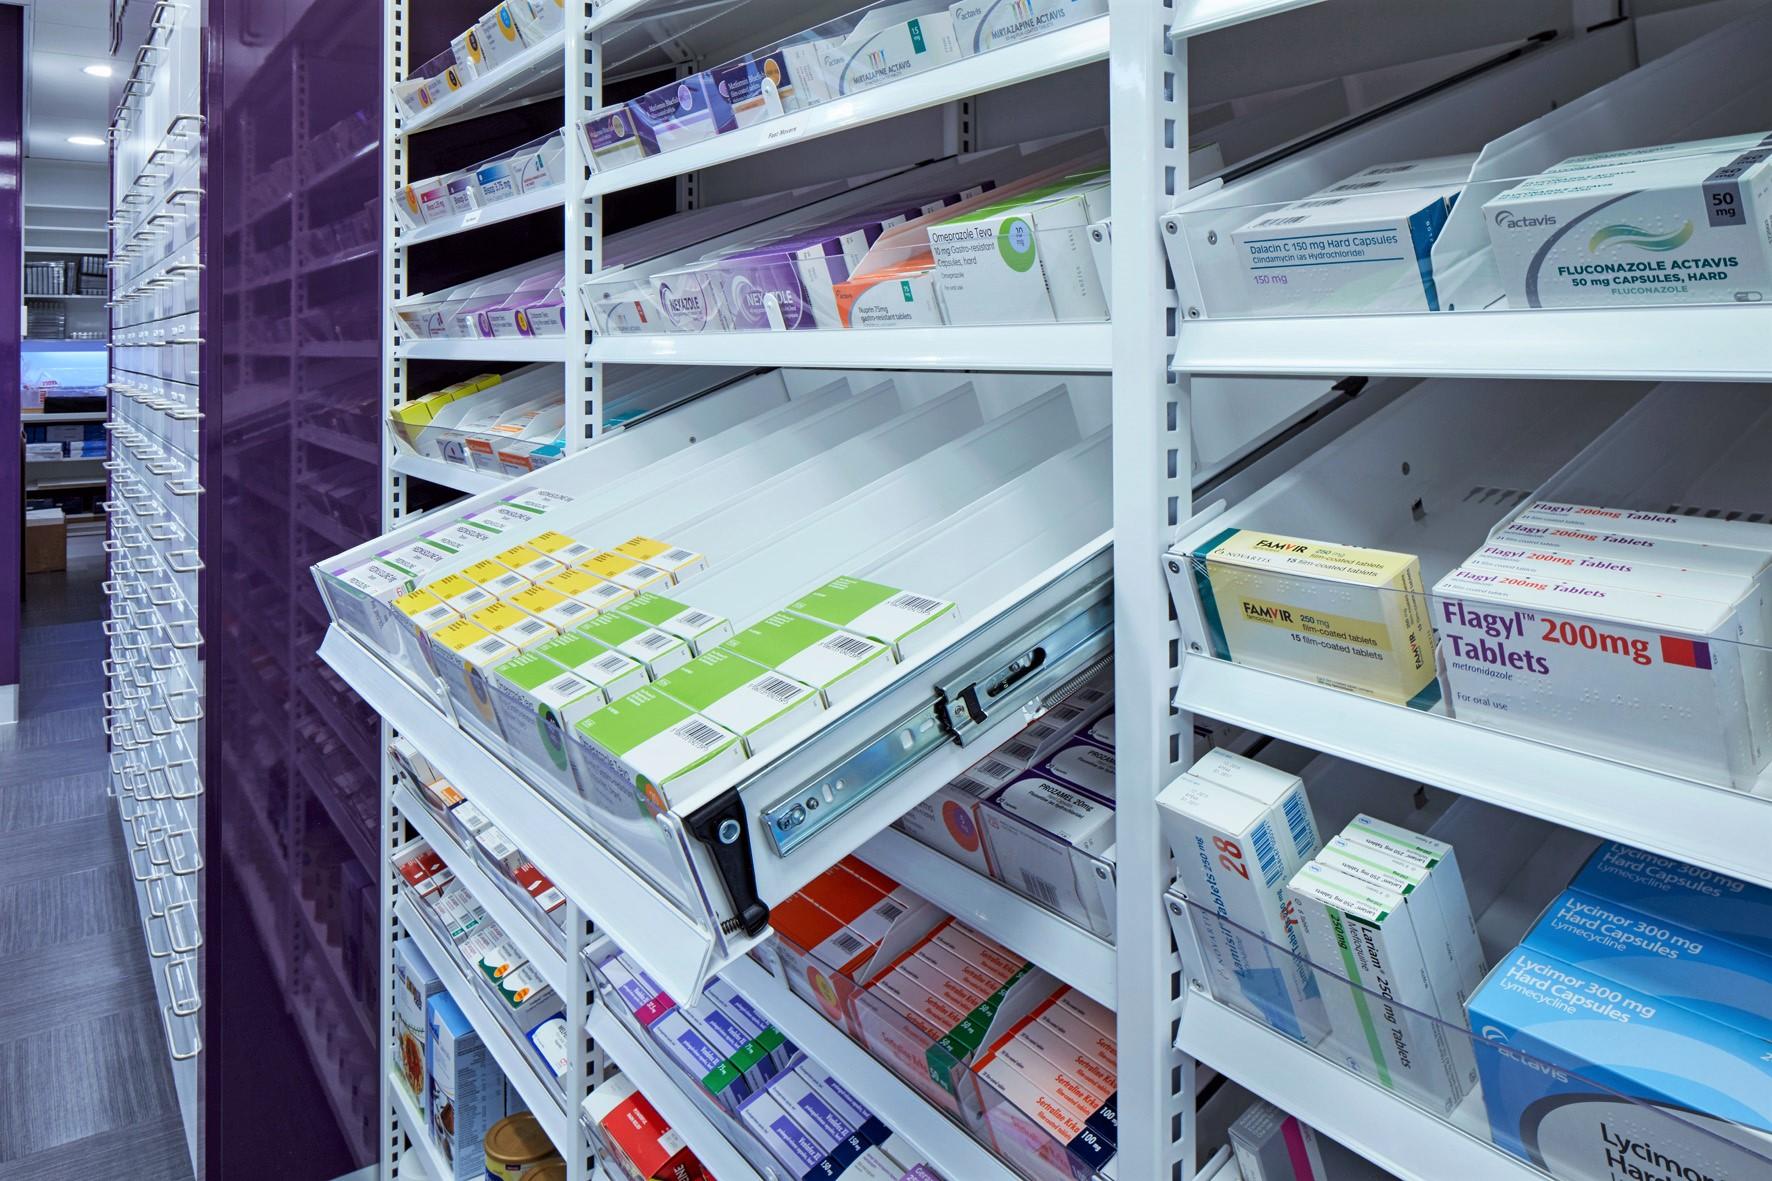 Hickey S Pharmacy